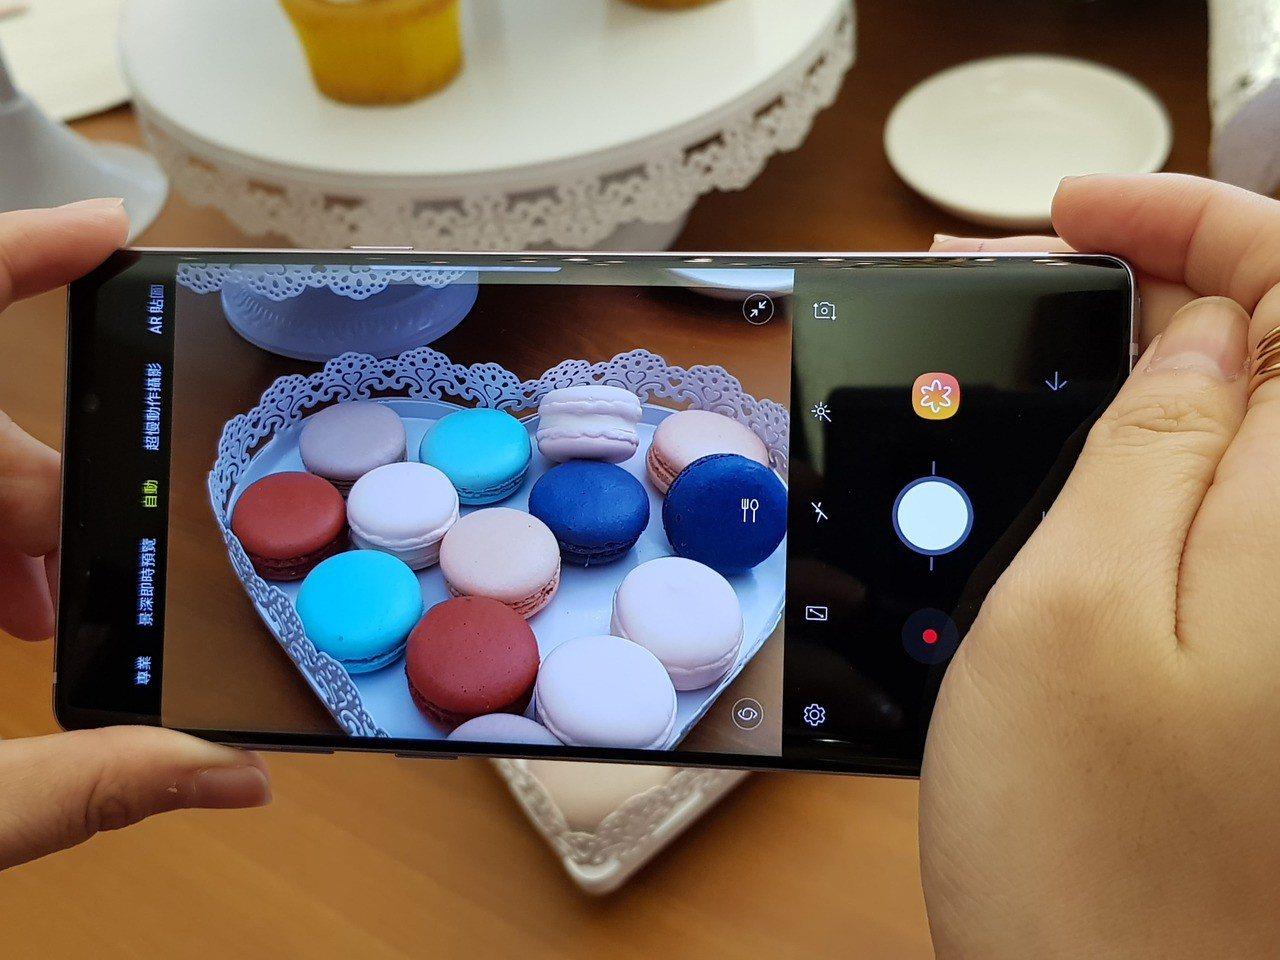 Samsung Galaxy Note 9首度搭載智慧影像辨識功能,可自動判定2...